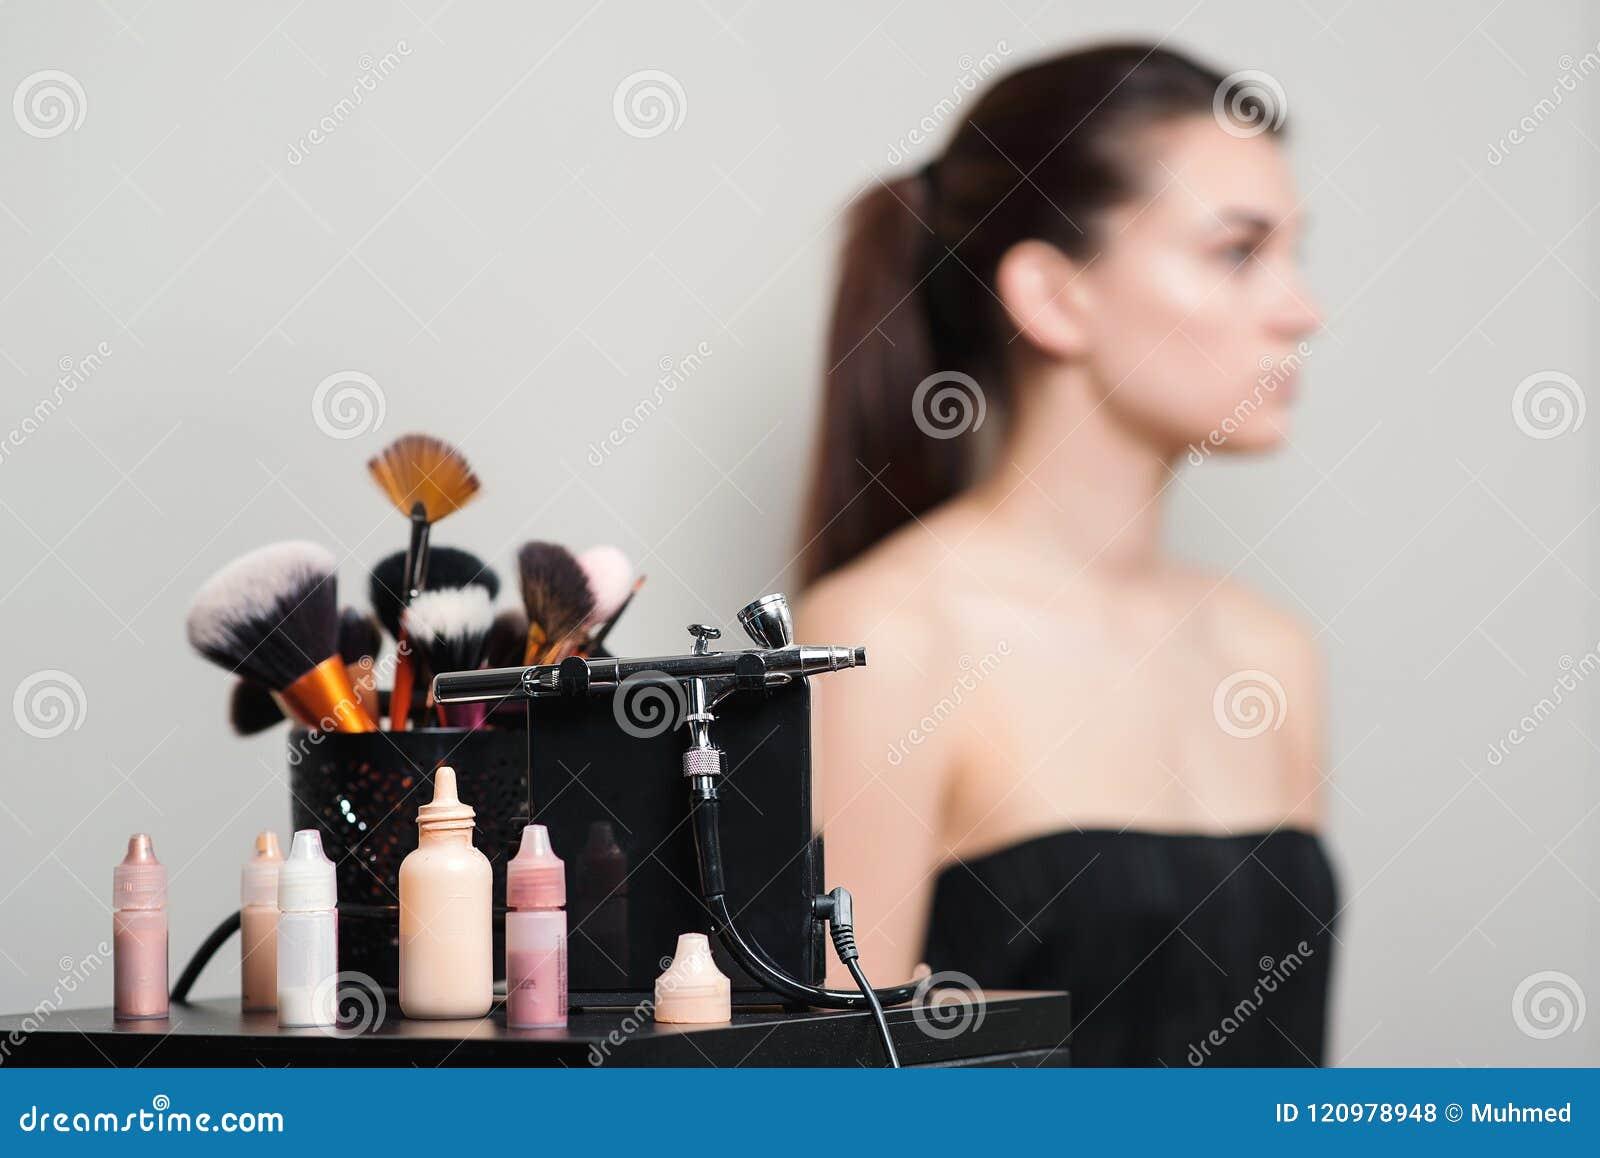 Επαγγελματικές βούρτσες makeup, σύγχρονα airbrush και εργαλεία Προϊόντα σύνθεσης καθορισμένα Αποτελέστε τα εργαλεία εφαρμογής Καλ